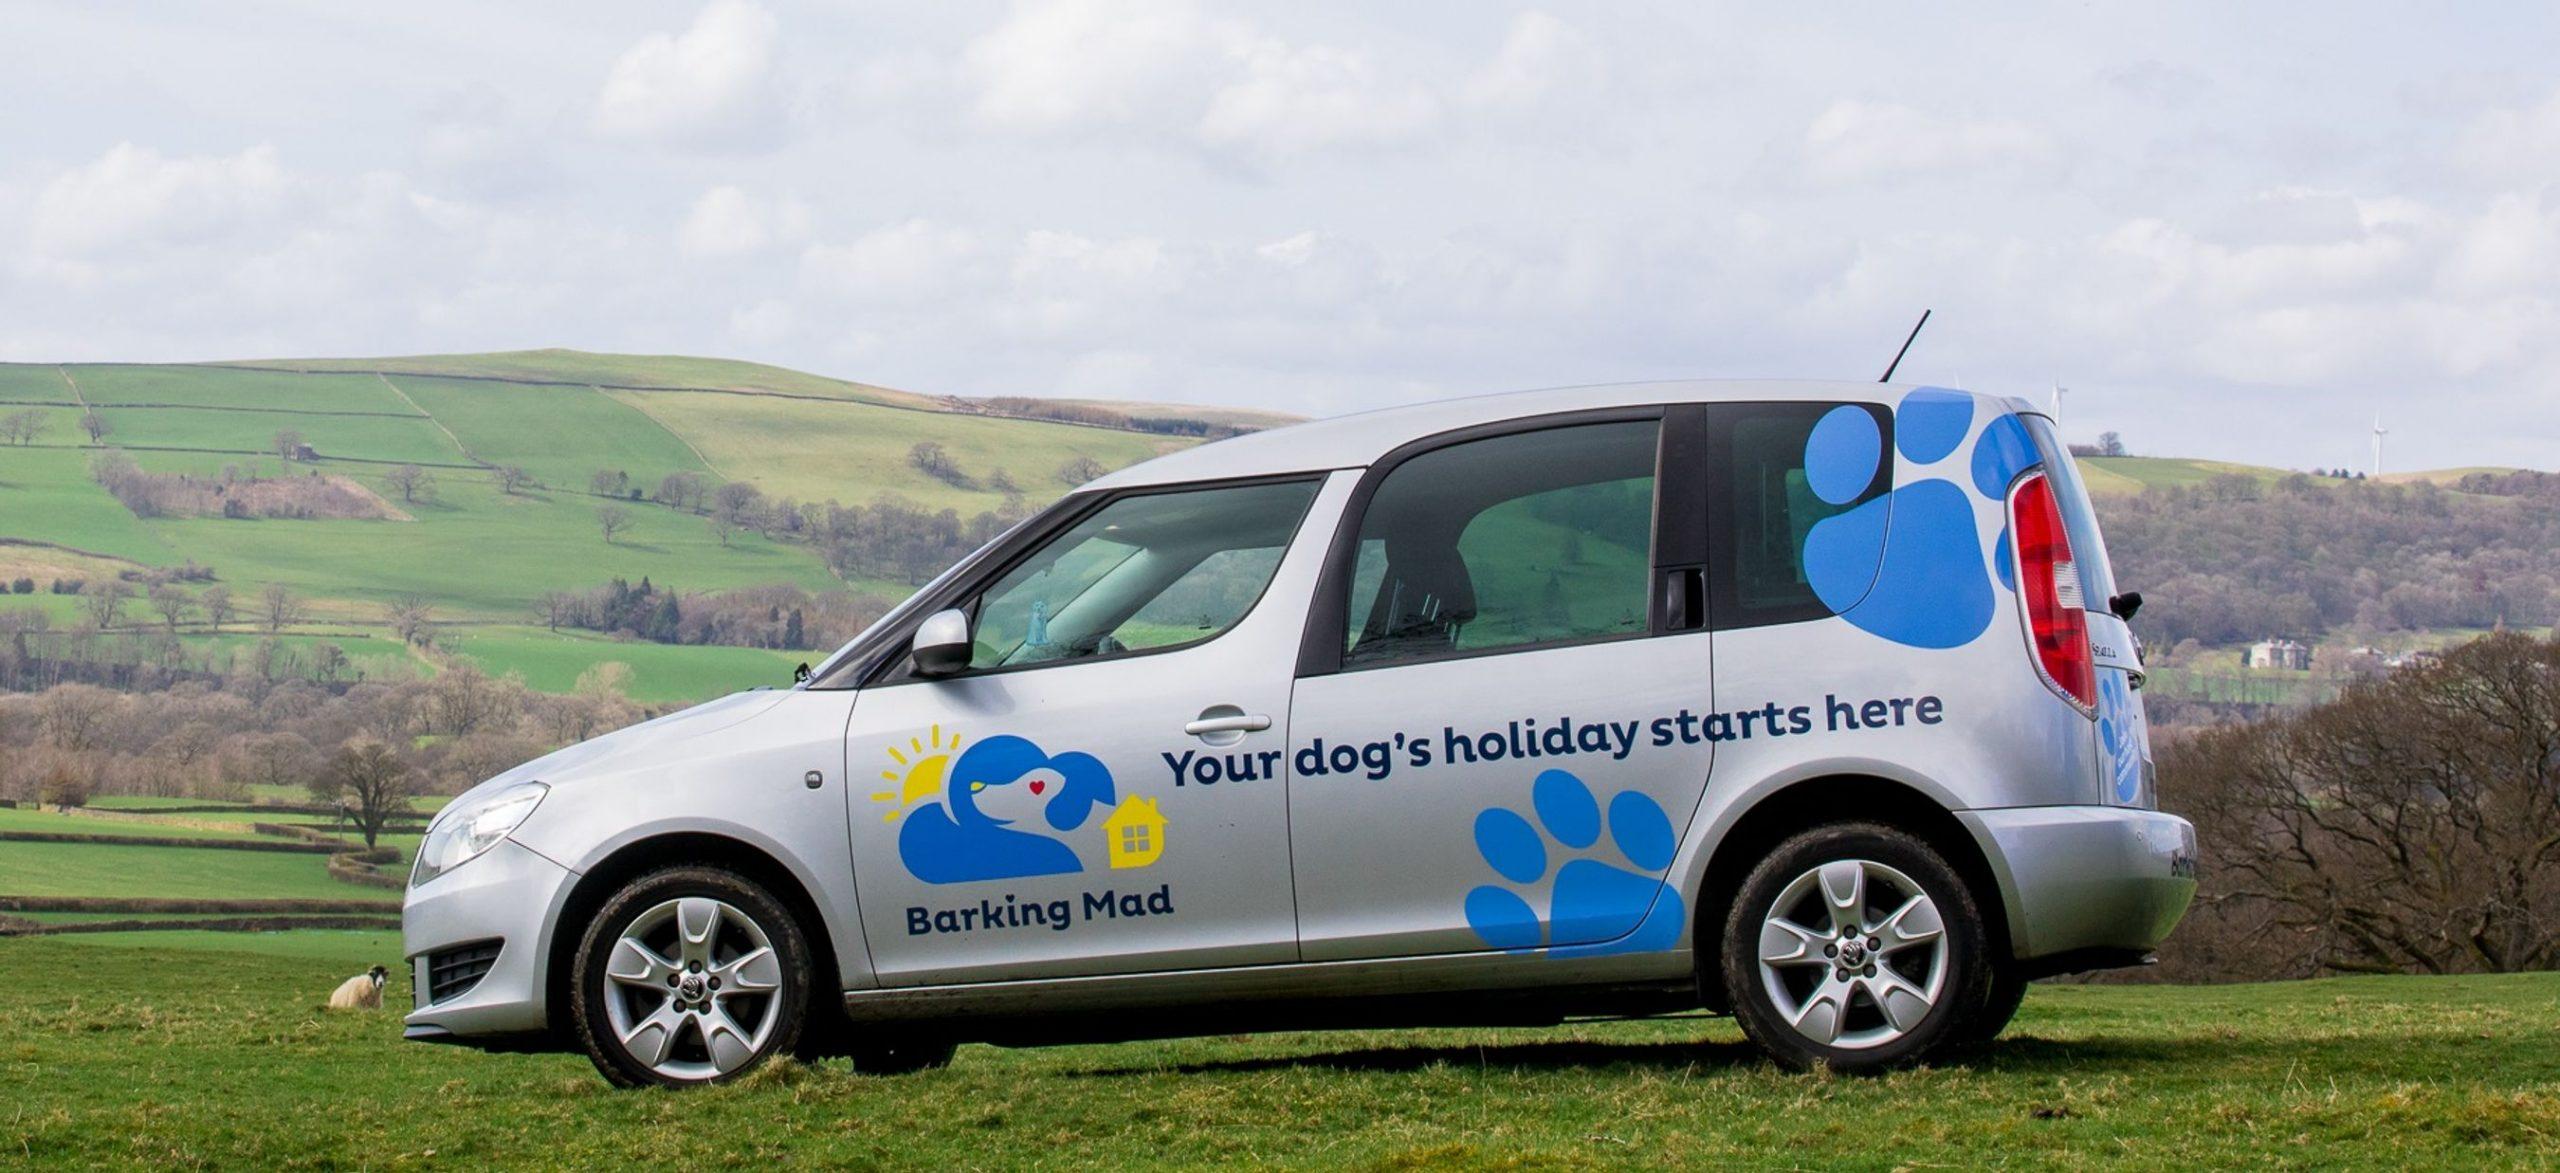 Barking Mad Dog Sitting Car On Hillside